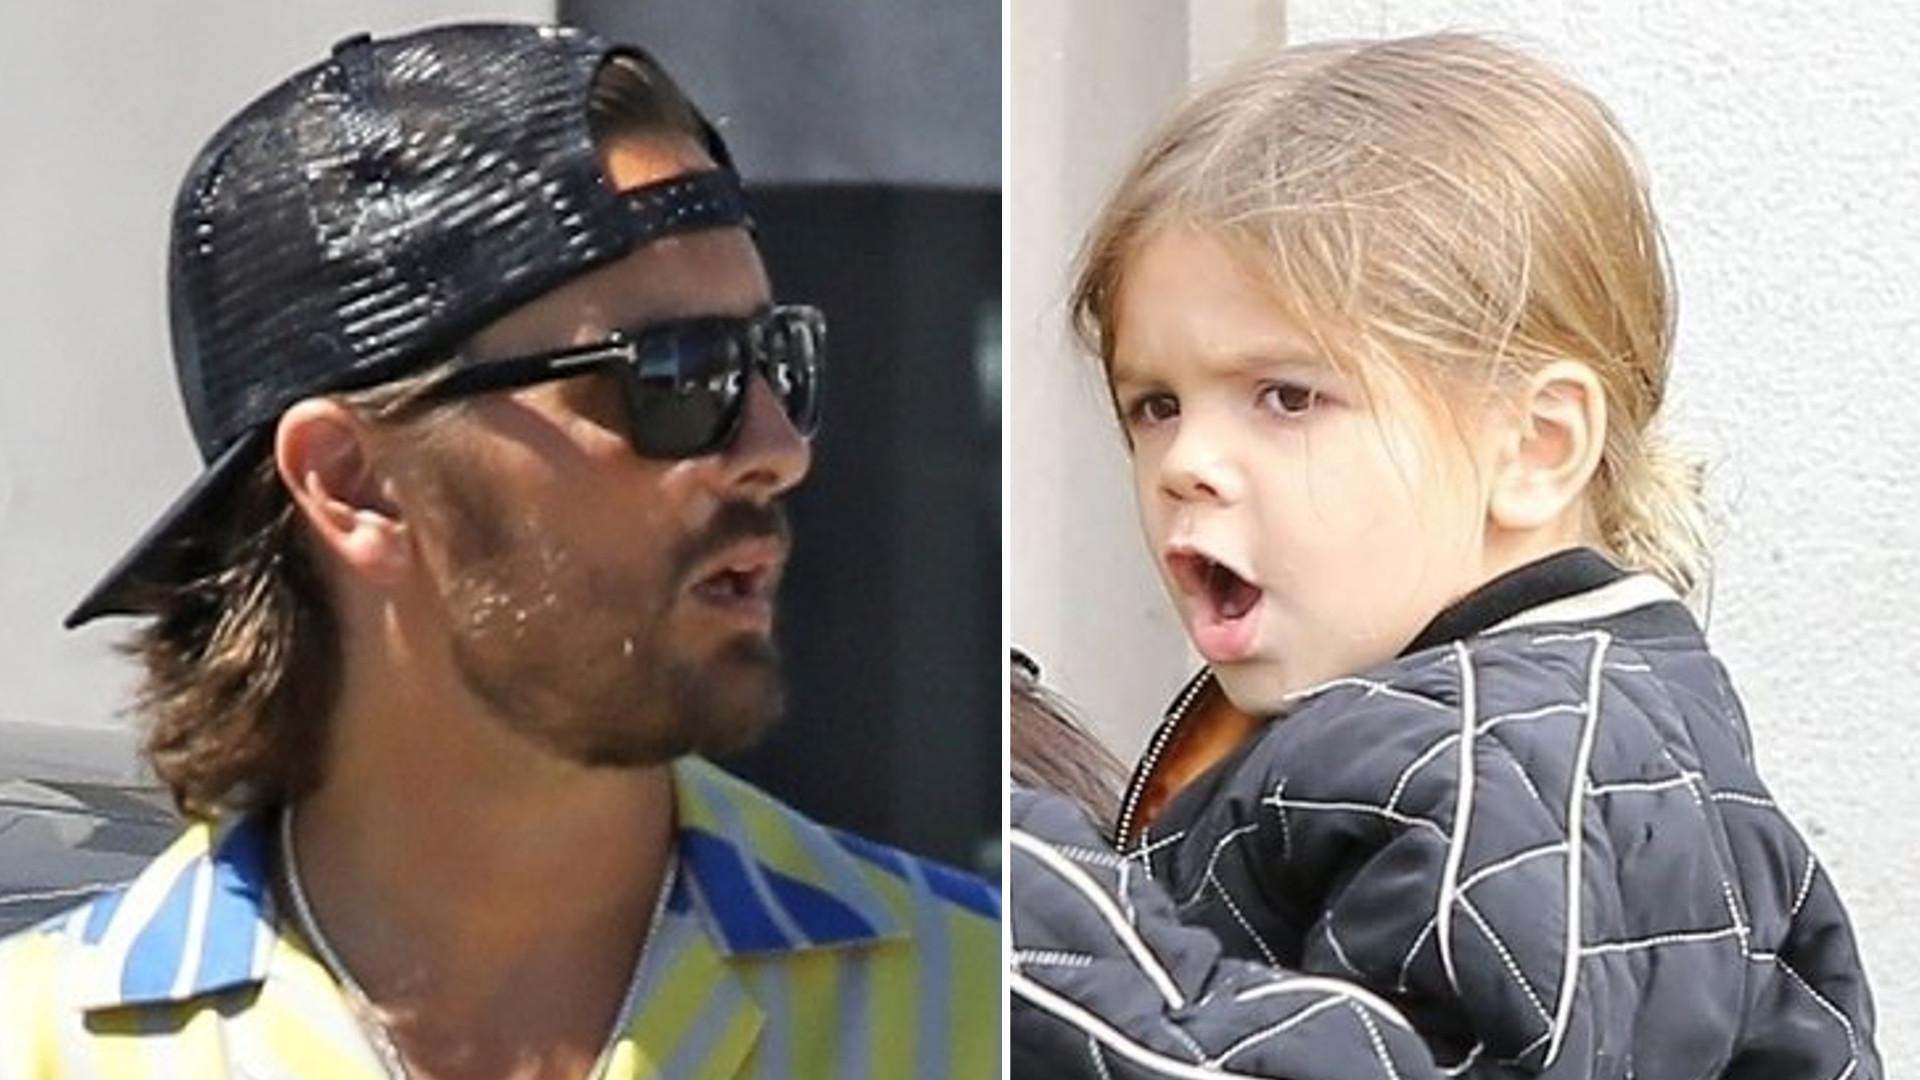 Syn Kourtney Kardashian i Scotta Disicka to cały tata – w krótkich włosach wygląda jak kopia ojca